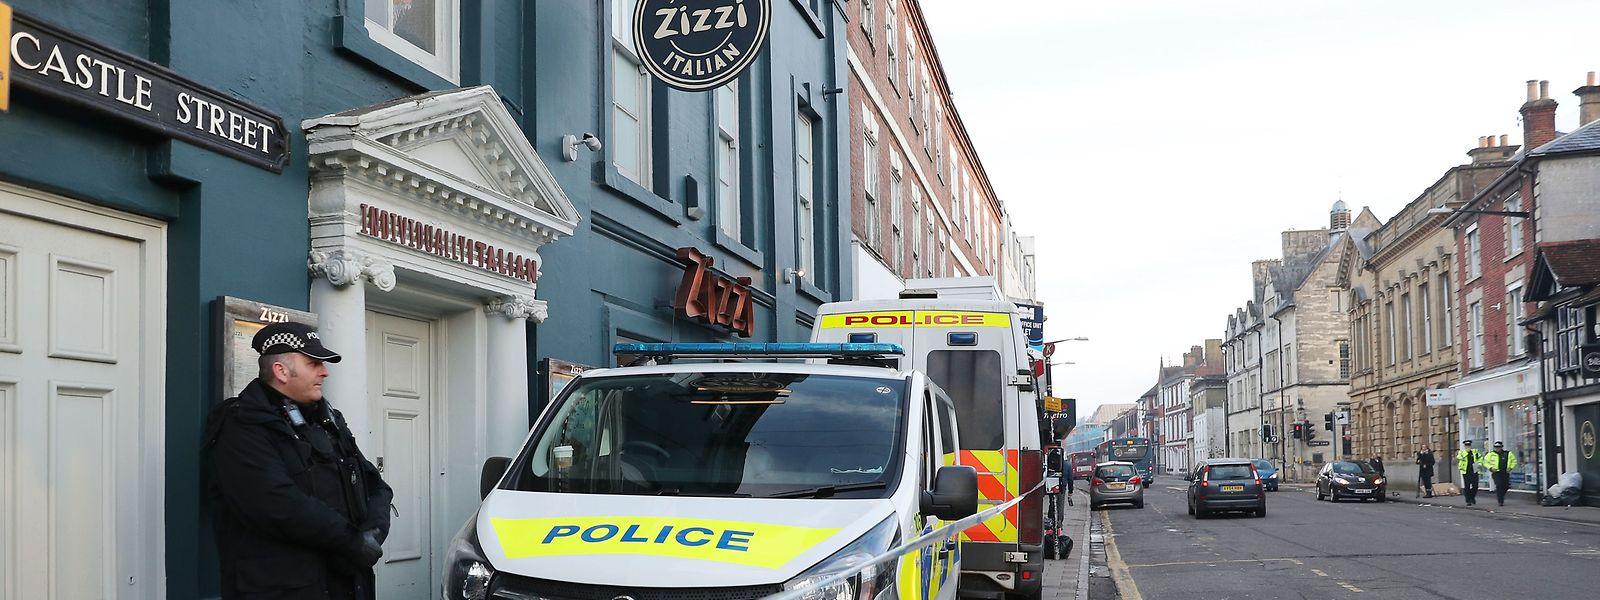 In diesem  Restaurant wird im Zusammenhang mit der mutmaßlichen Vergiftung des Doppelagenten Skripal ermittelt.